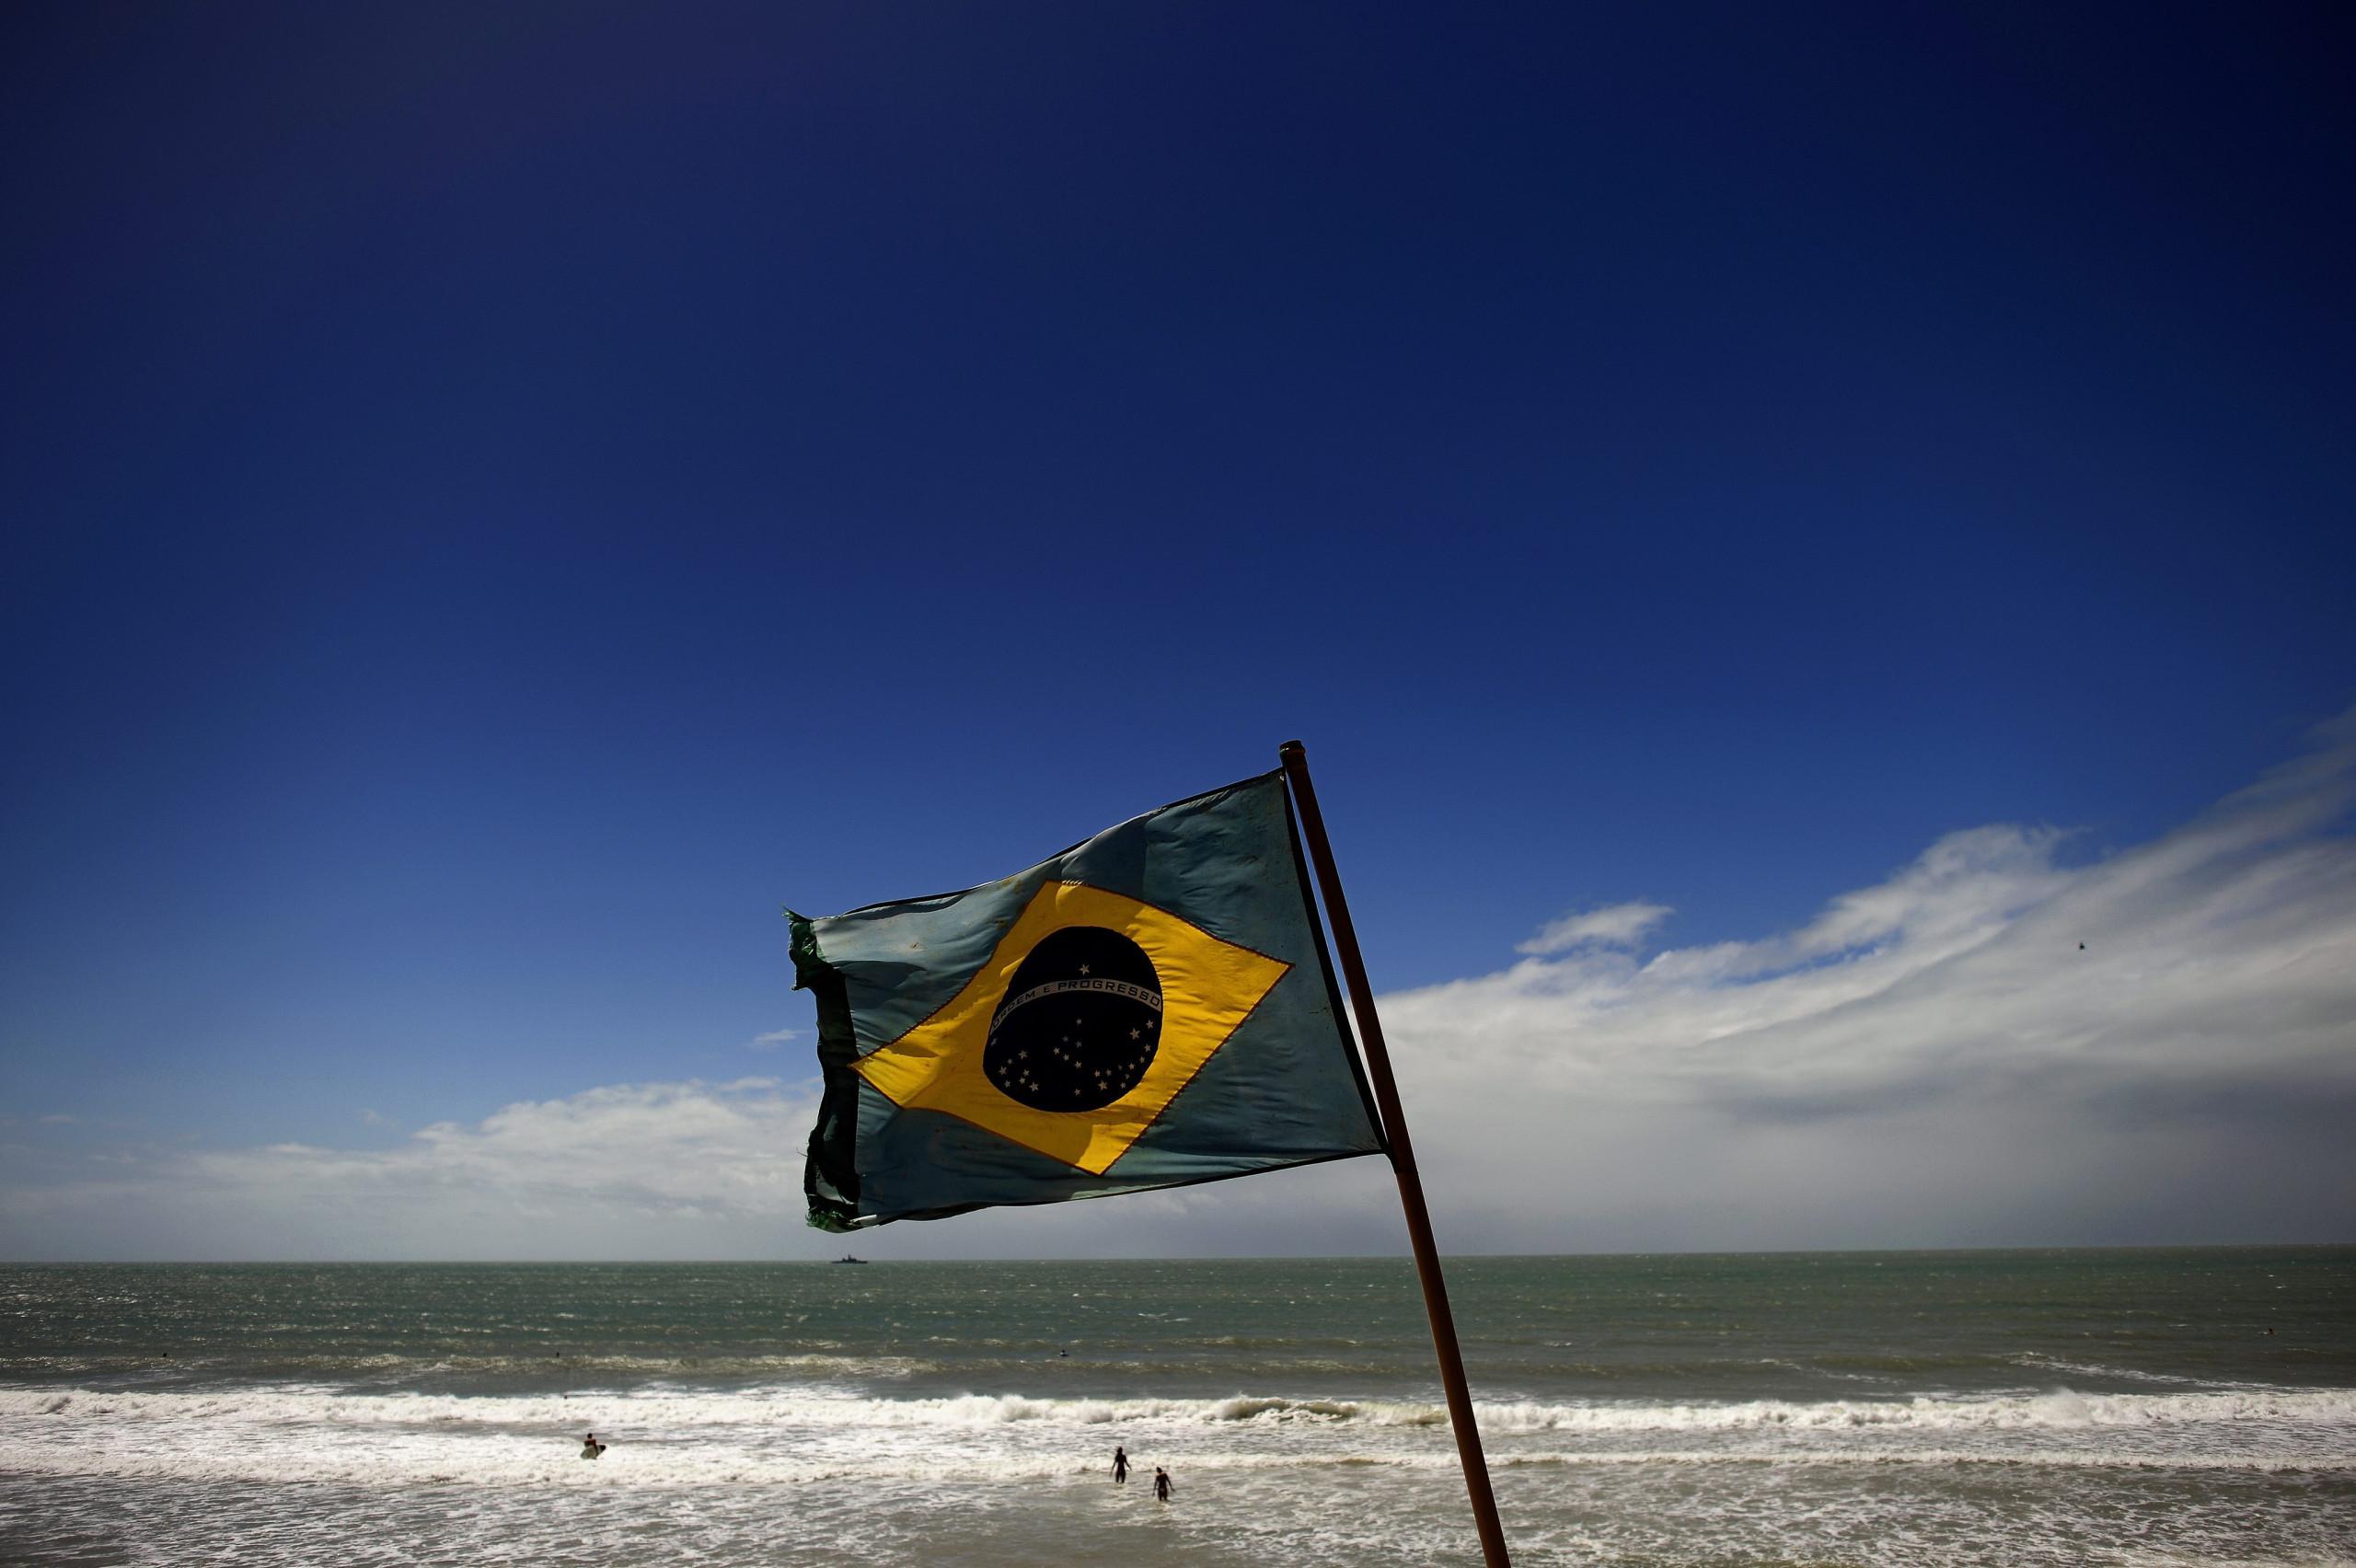 Desigualdade em função de género e raça diminui no Brasil